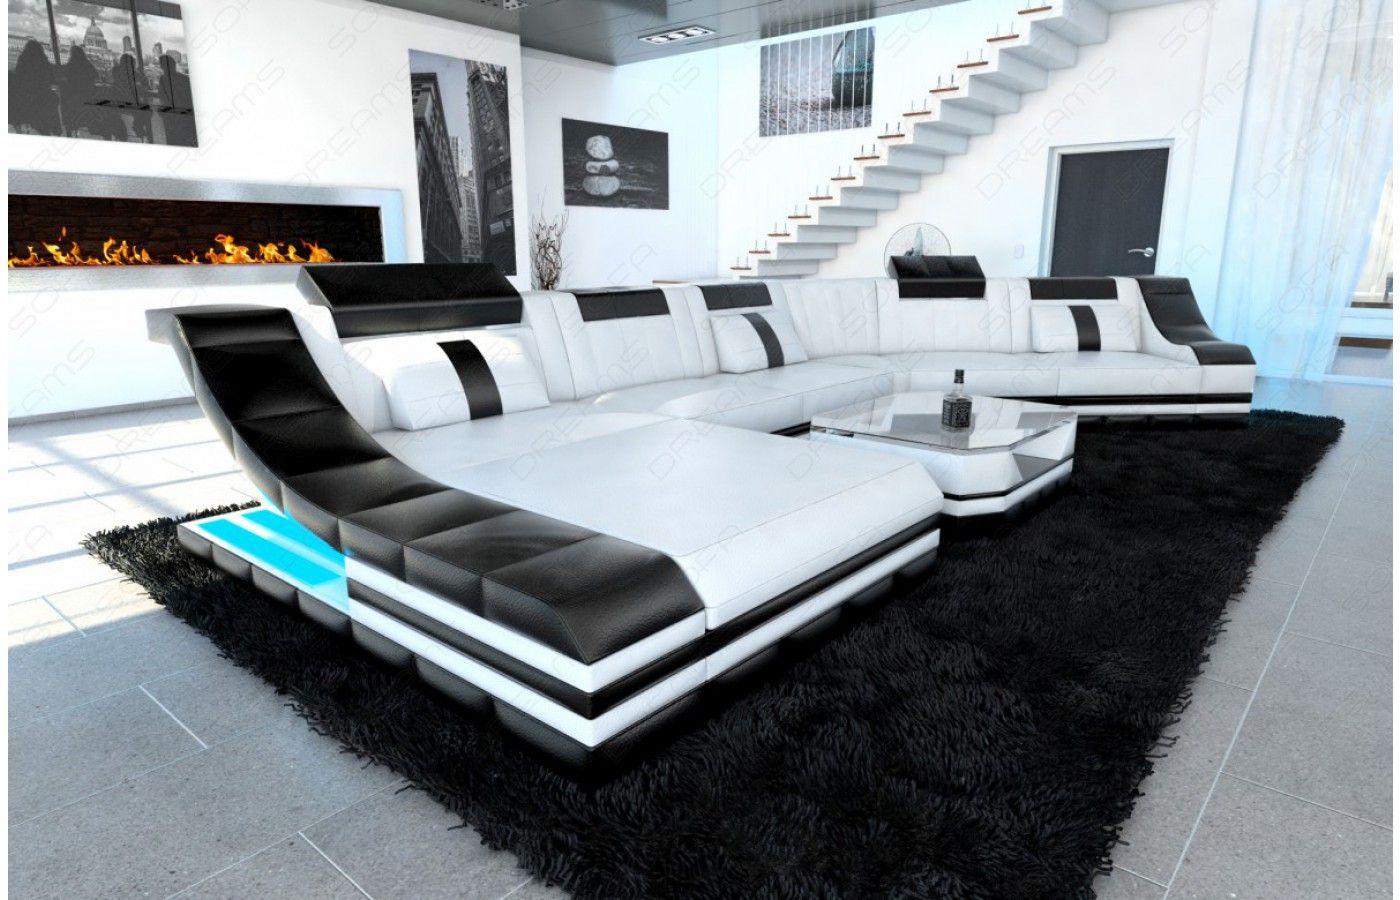 Cool Leder Wohnlandschaft TURINO CL mit LED in schwarz wei exklusiv bei Sofa Dreams Leder Wohnlandschaft TURINO CL mit LED Pinterest Wohnlandschaft